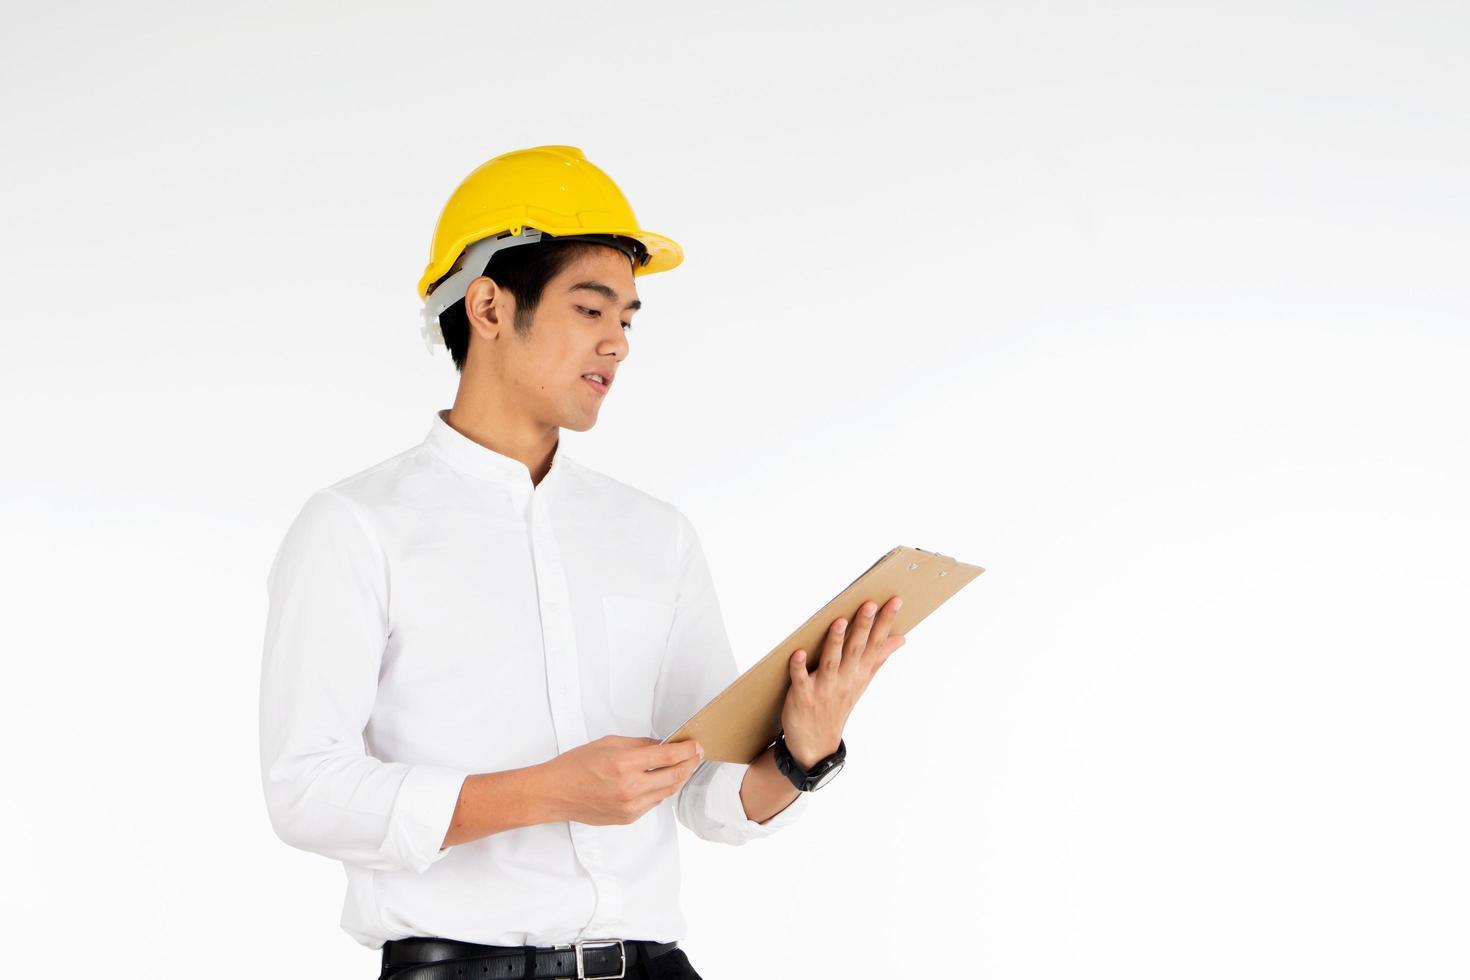 ingénieur, tenue, presse-papiers, devant, fond blanc photo